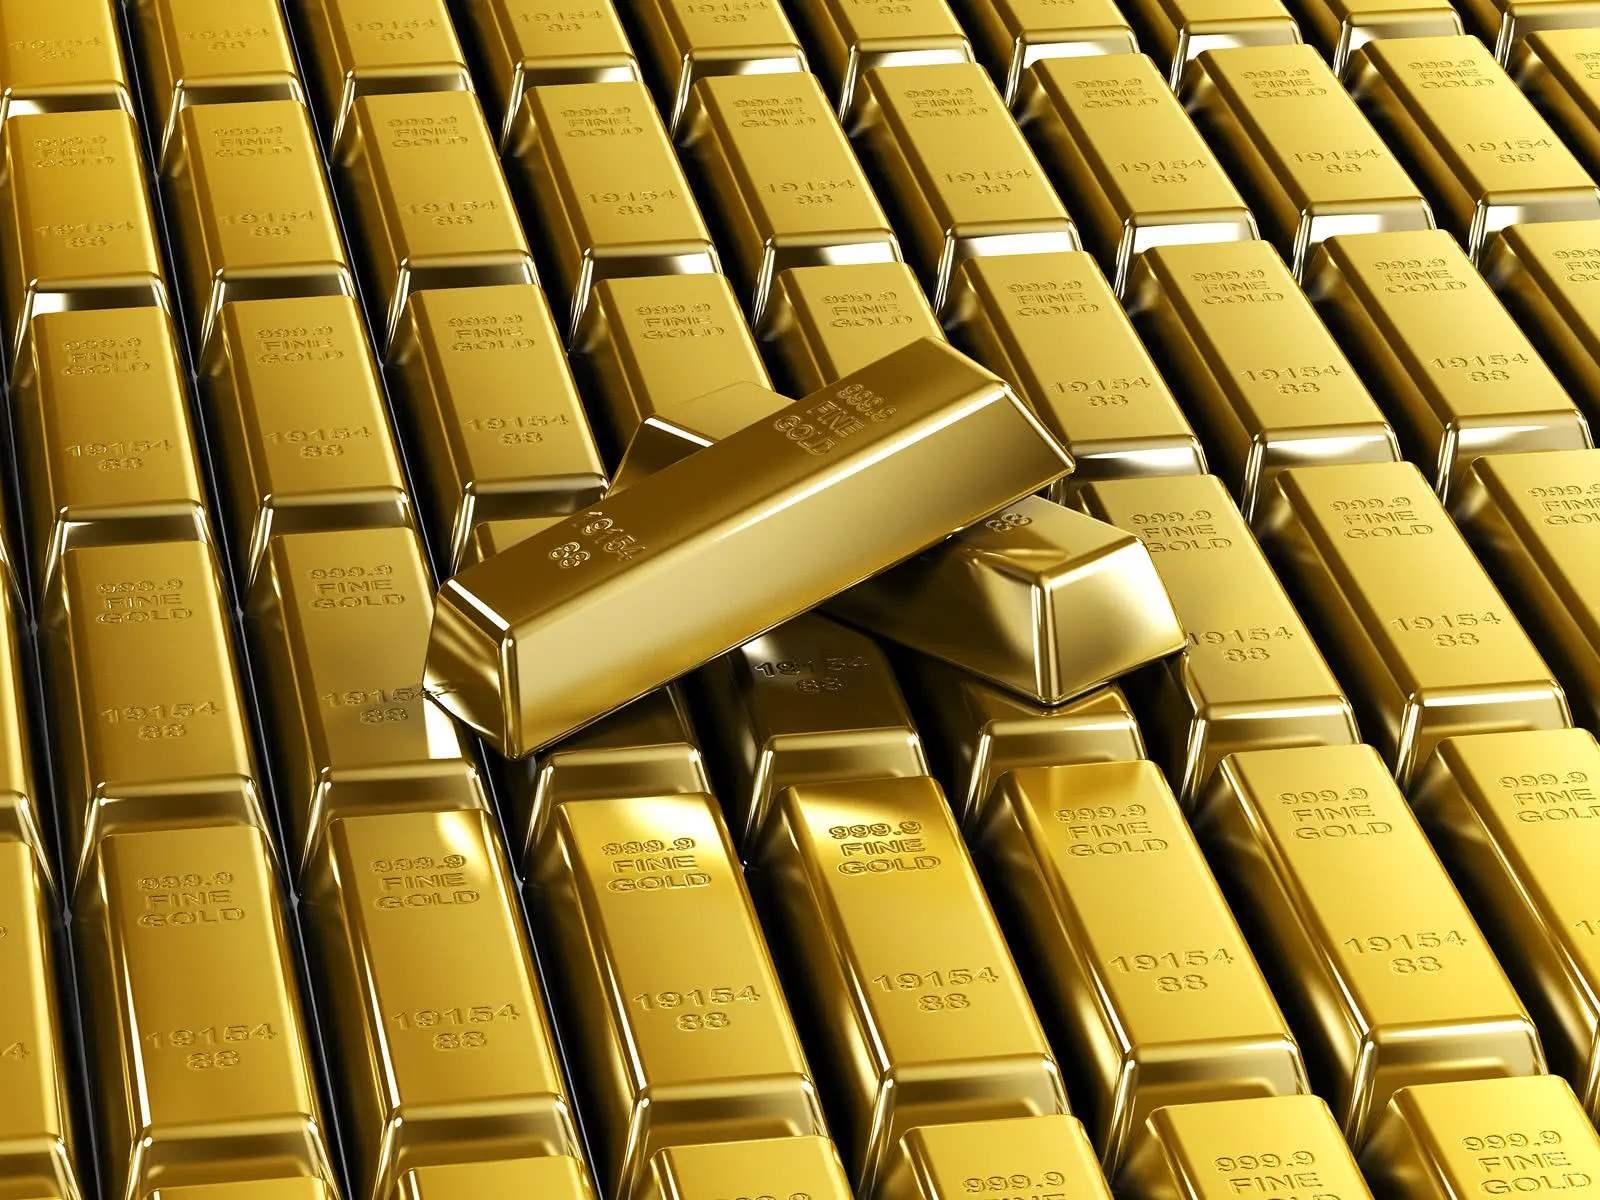 今日(10月19日)黄金价格多少?今日金价多少一克?附国内金店价格表